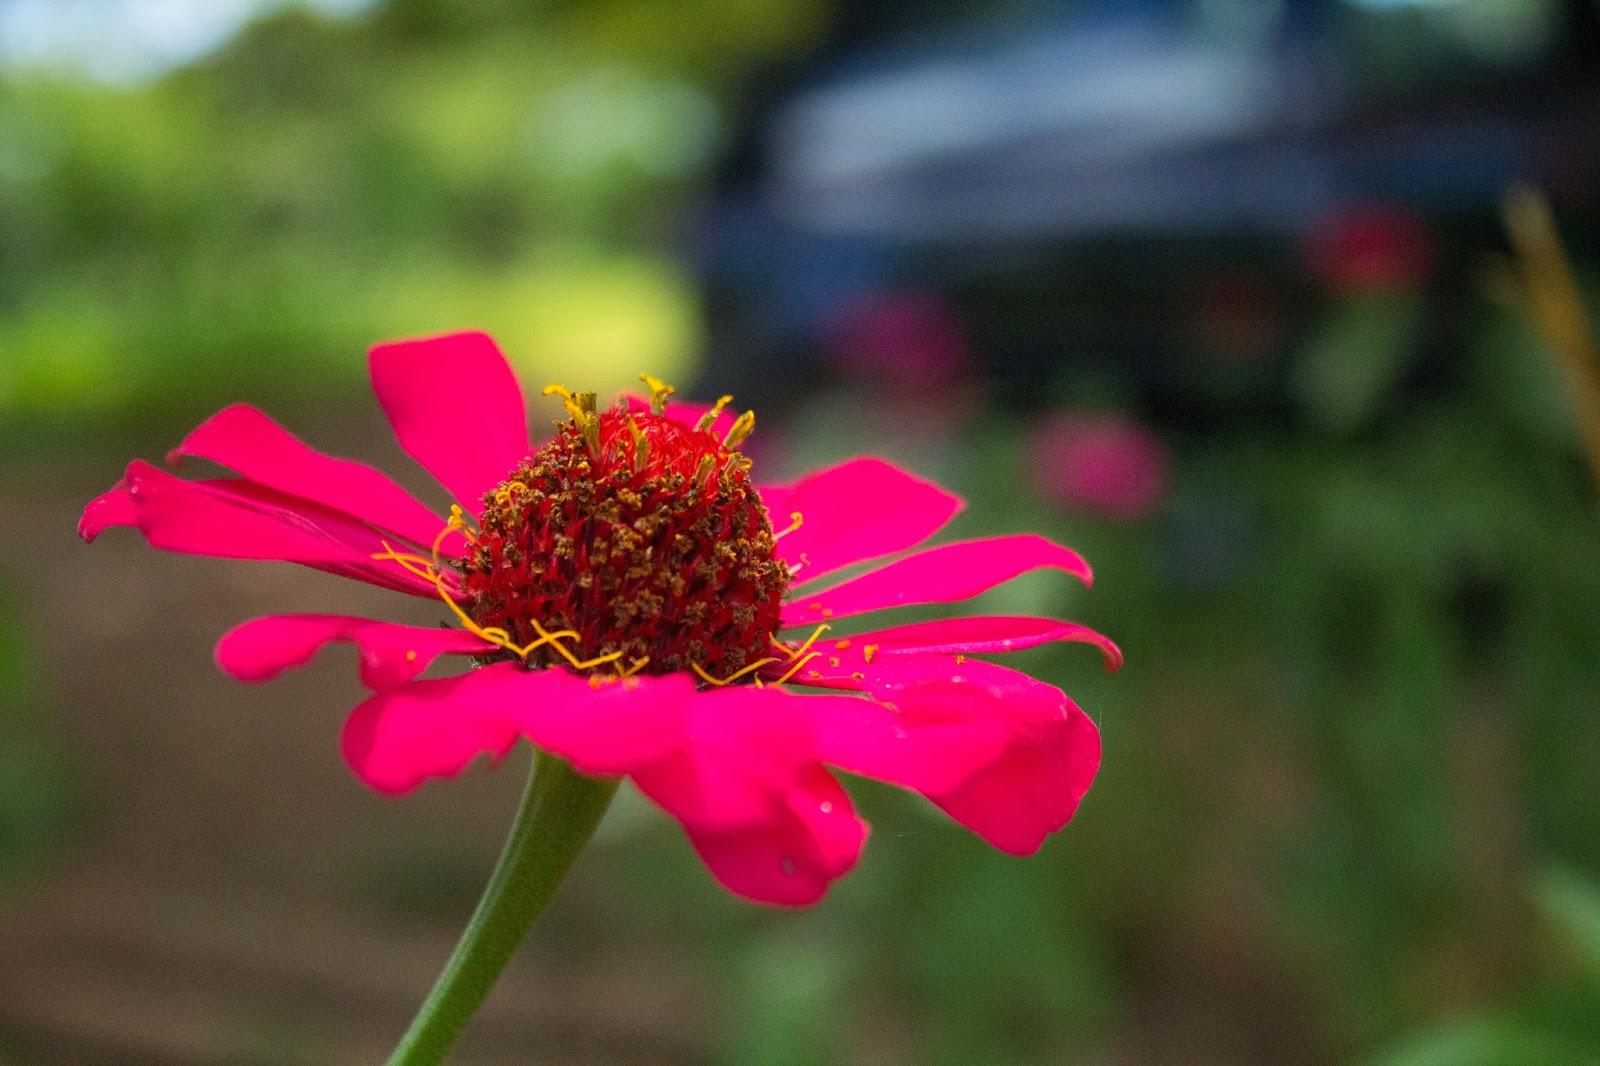 Uma linda flor que encontrei pelo caminho - Fotografia de Jéssica Guedes - Copyright © 2014 (C) – Todos os Direitos Reservados